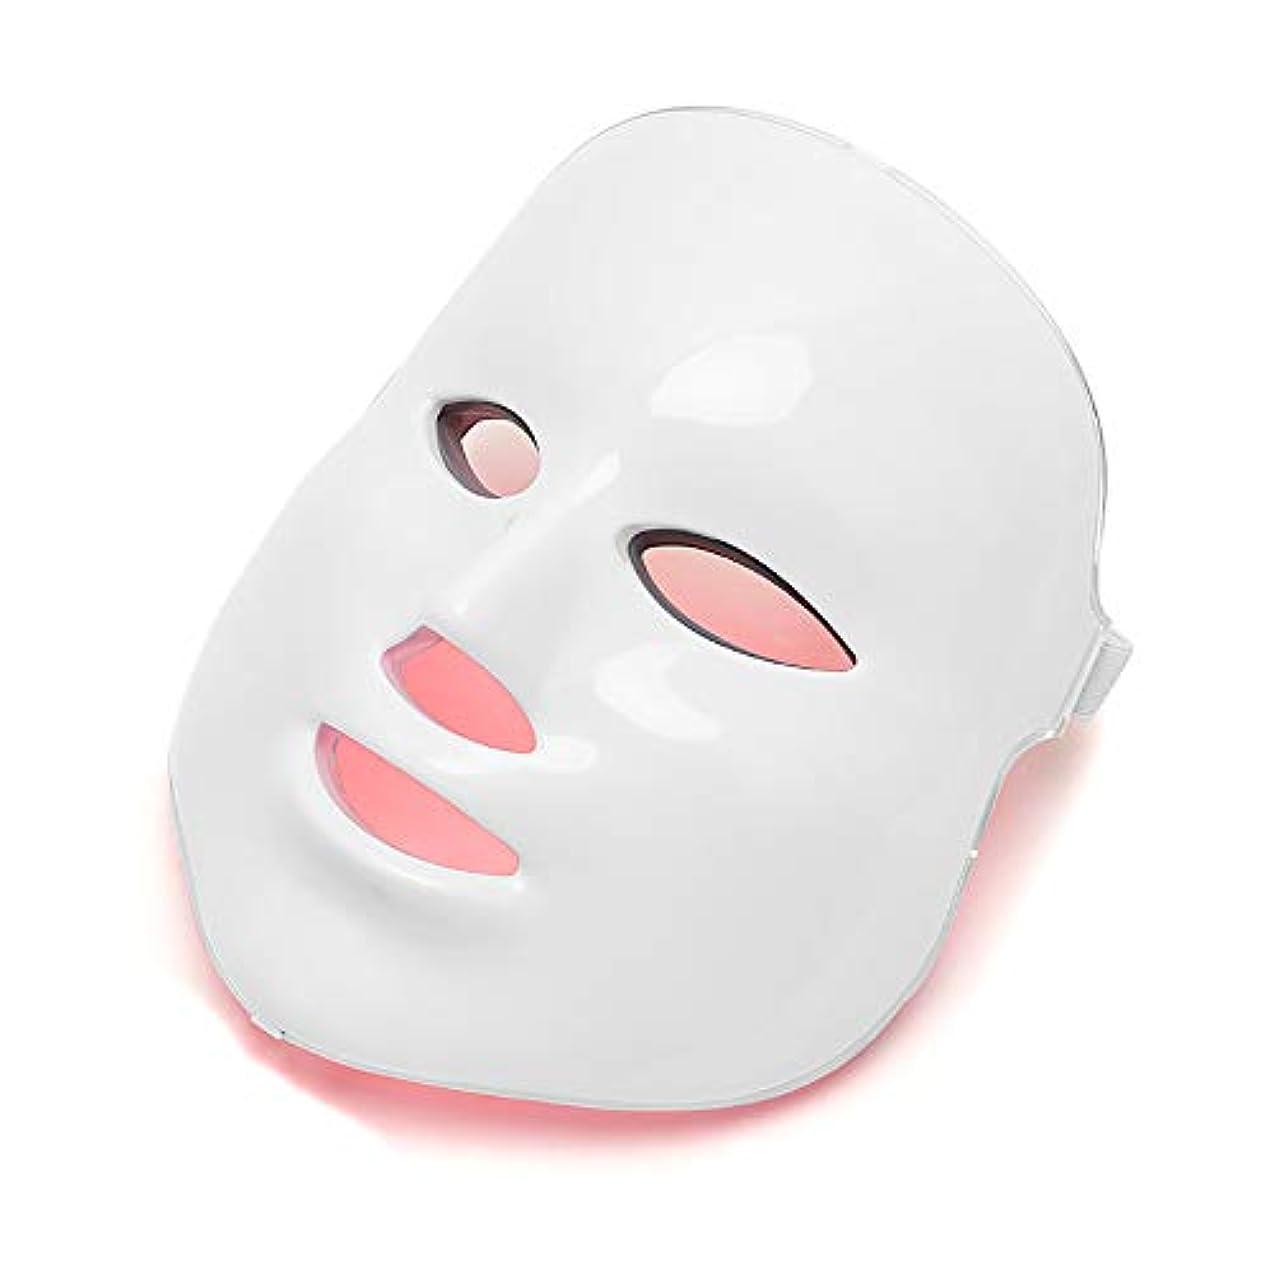 音節執着写真のフェイス光線療法フェイシャルスキンケアマスクLED 7色フェイシャルマスク、スキントーニングしわのためのLEDライトは調色、しわにきび治療を締め付け、アンチエイジングを削除します